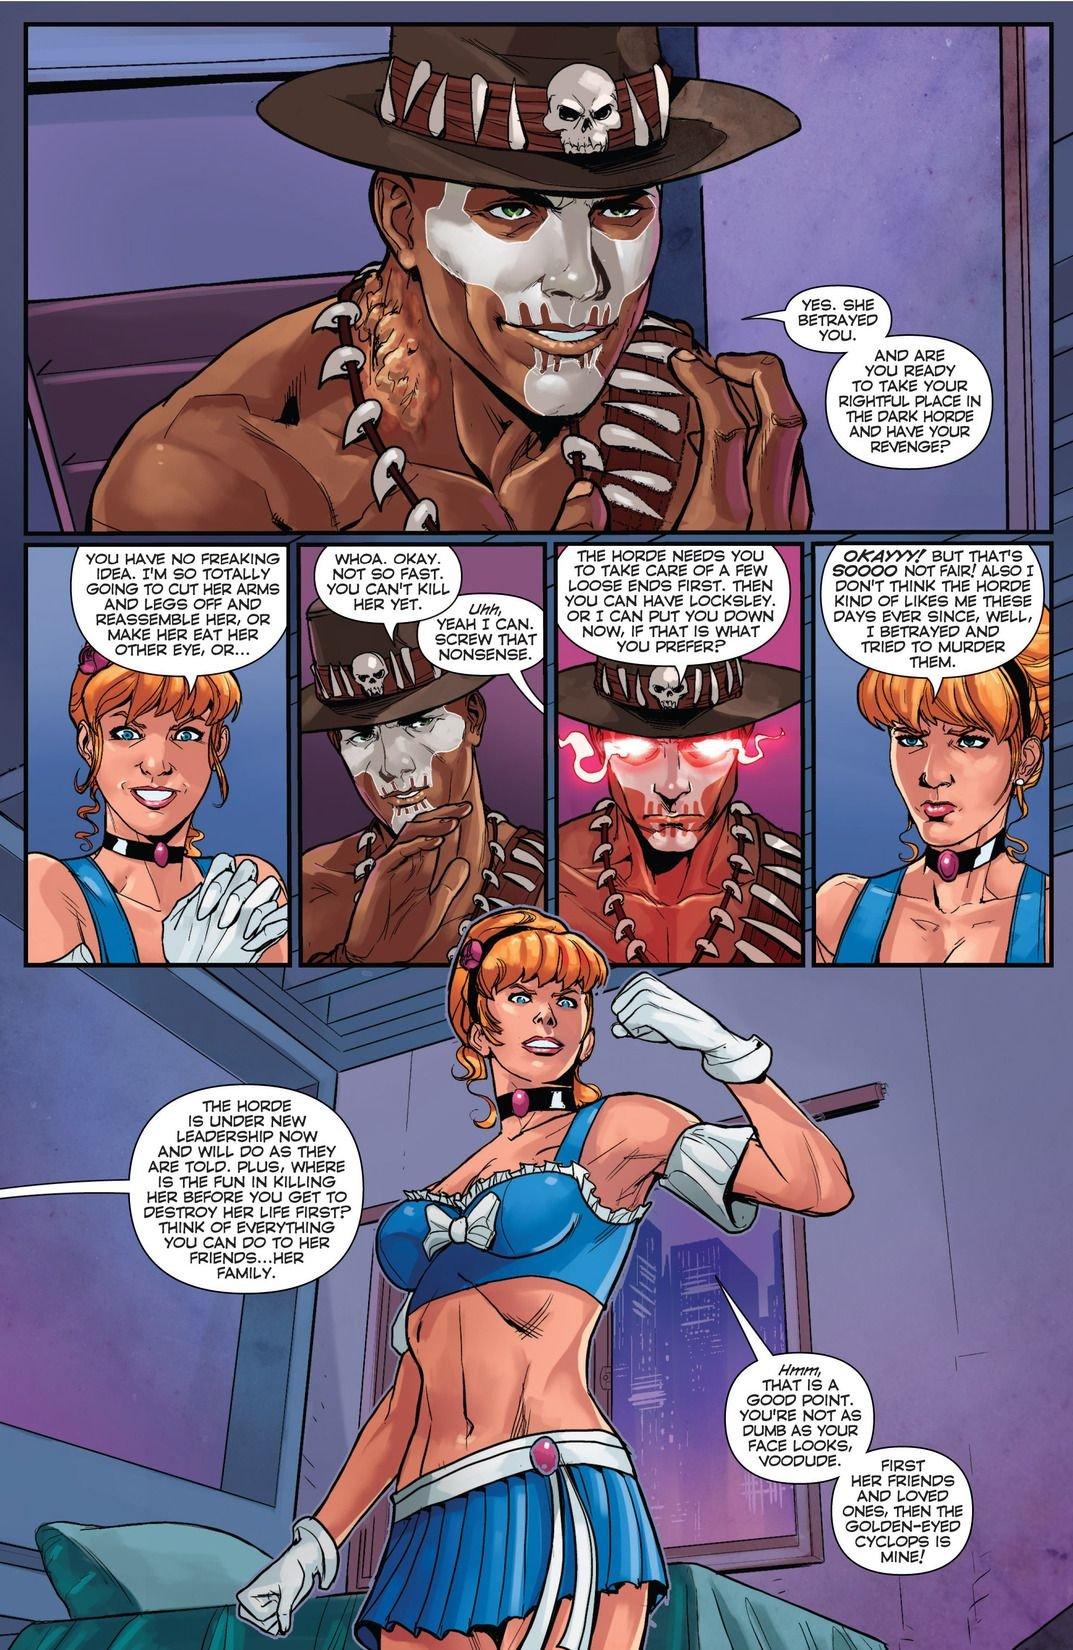 Cinderella Serial Killer Princess #1 (Comic) Review 4